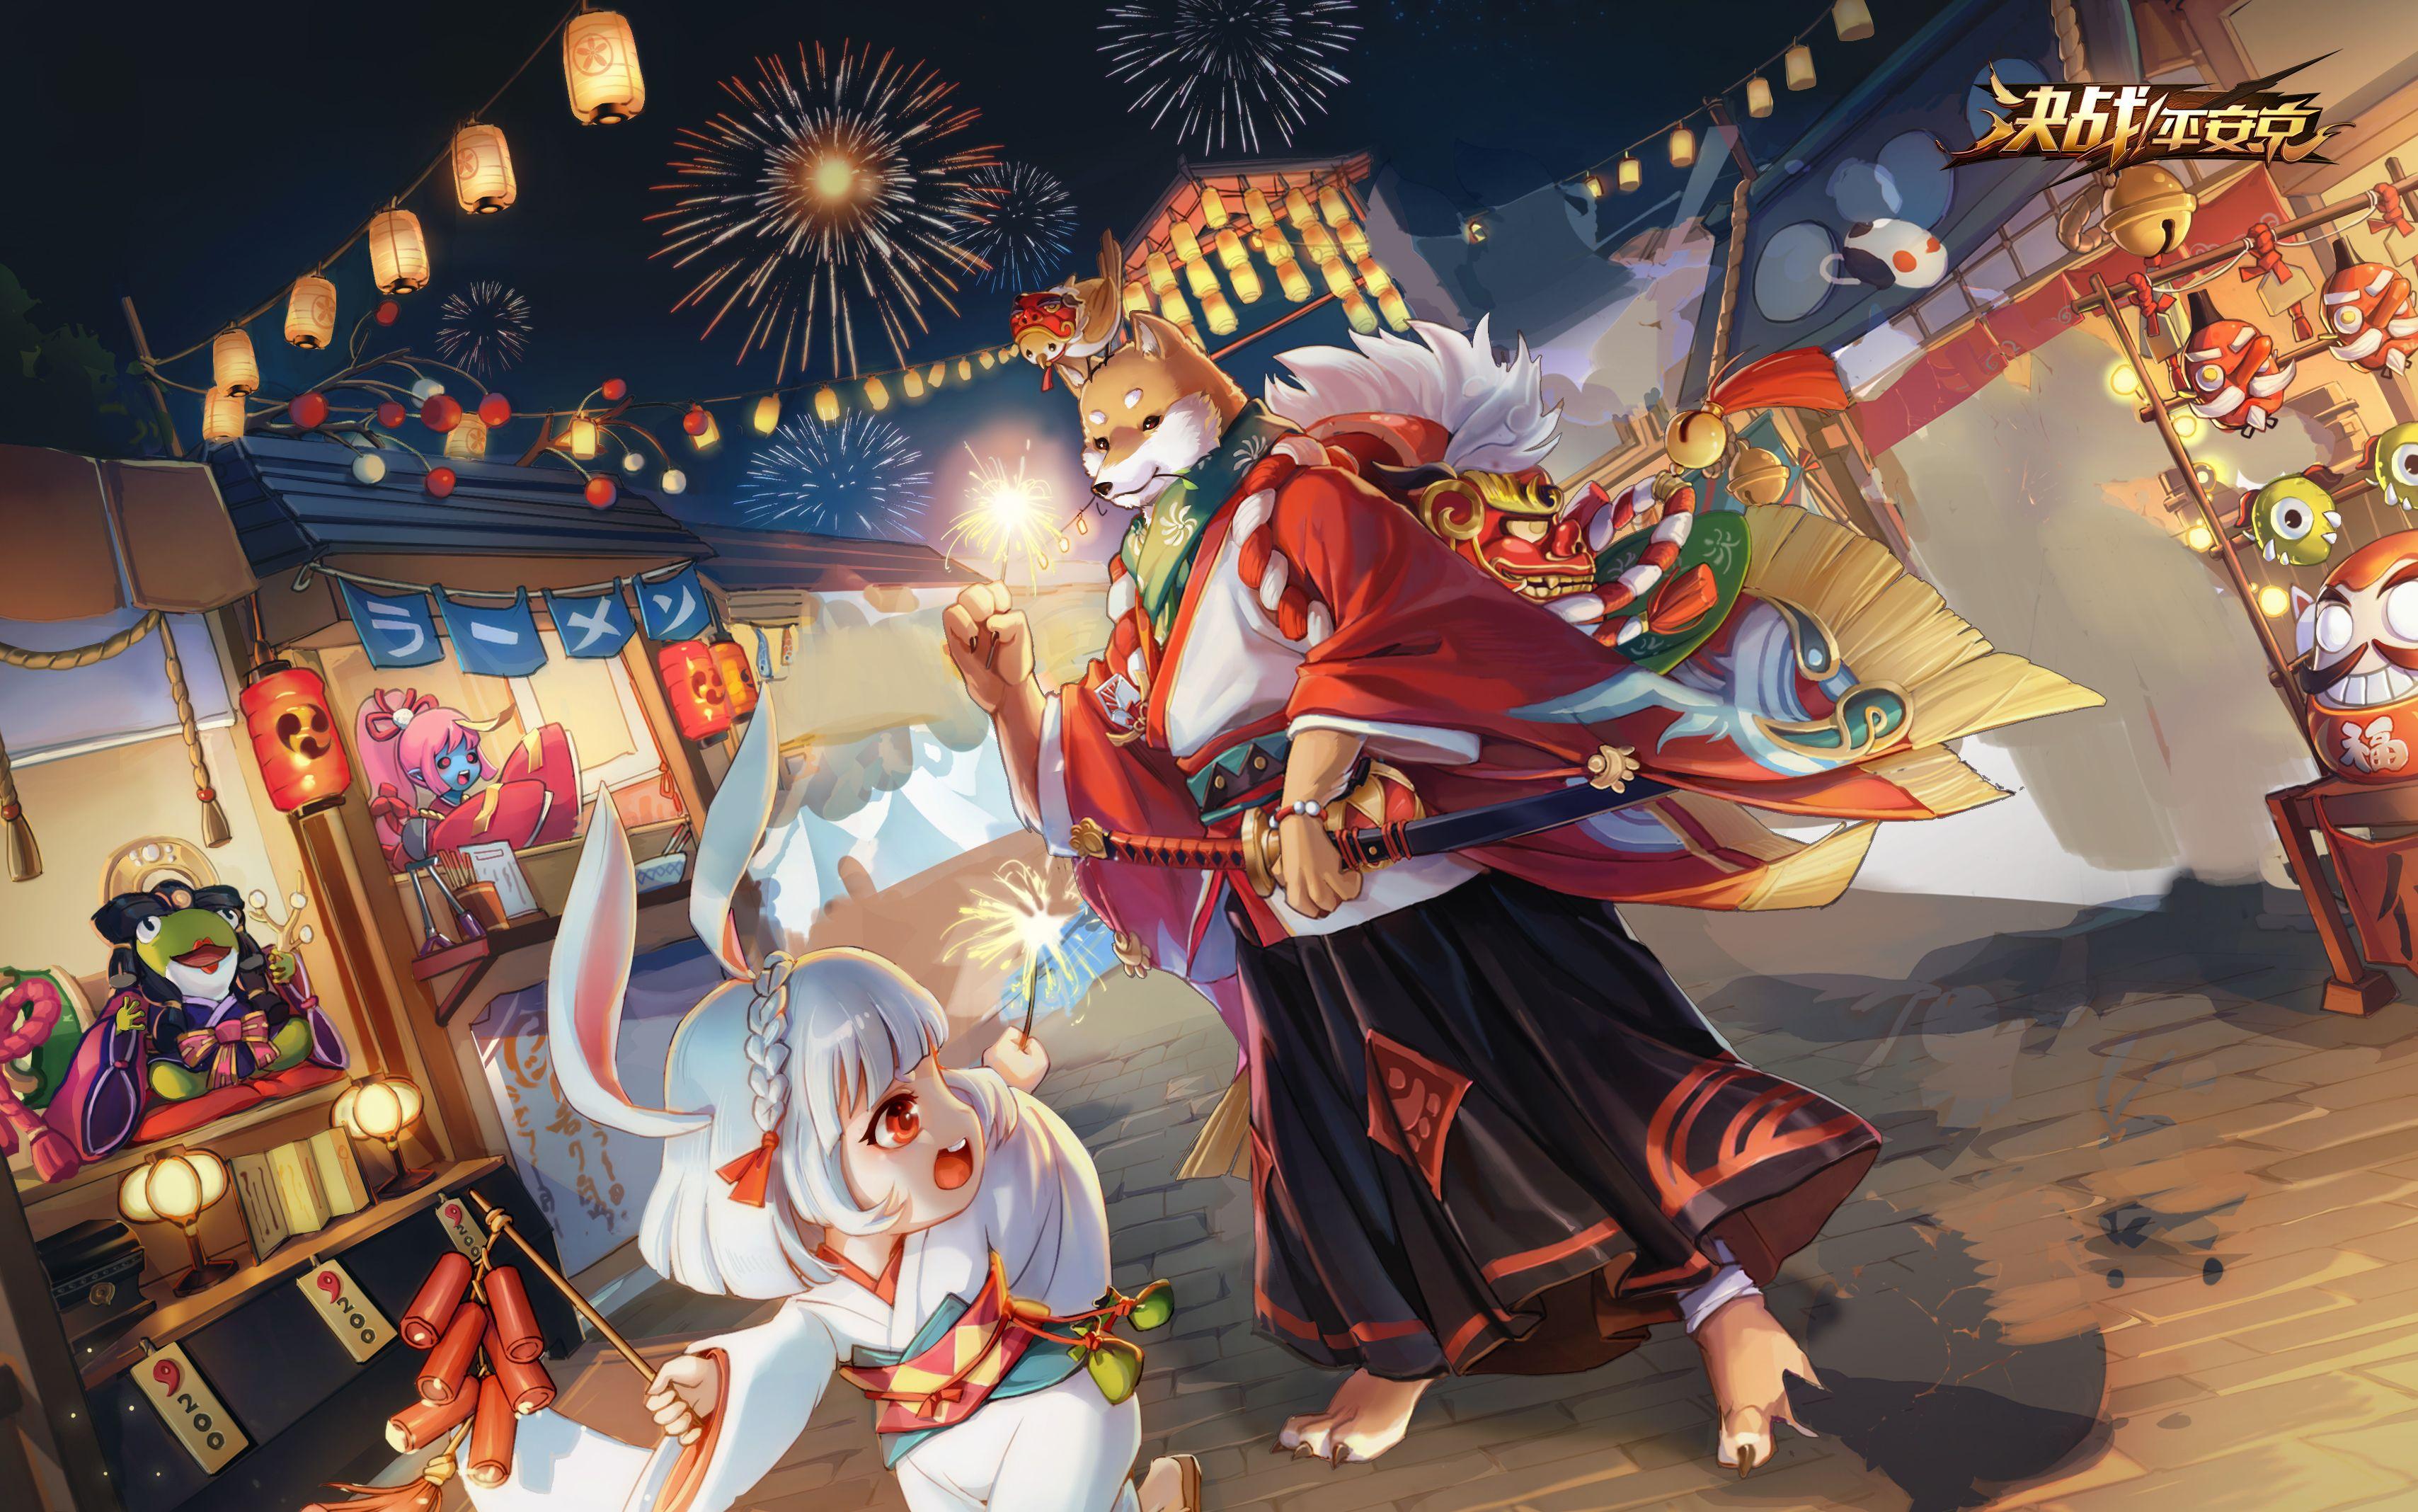 《决战!平安京》手游官网网易顶级MOBA手游 阴阳师IP公平对战手游 Anime artwork